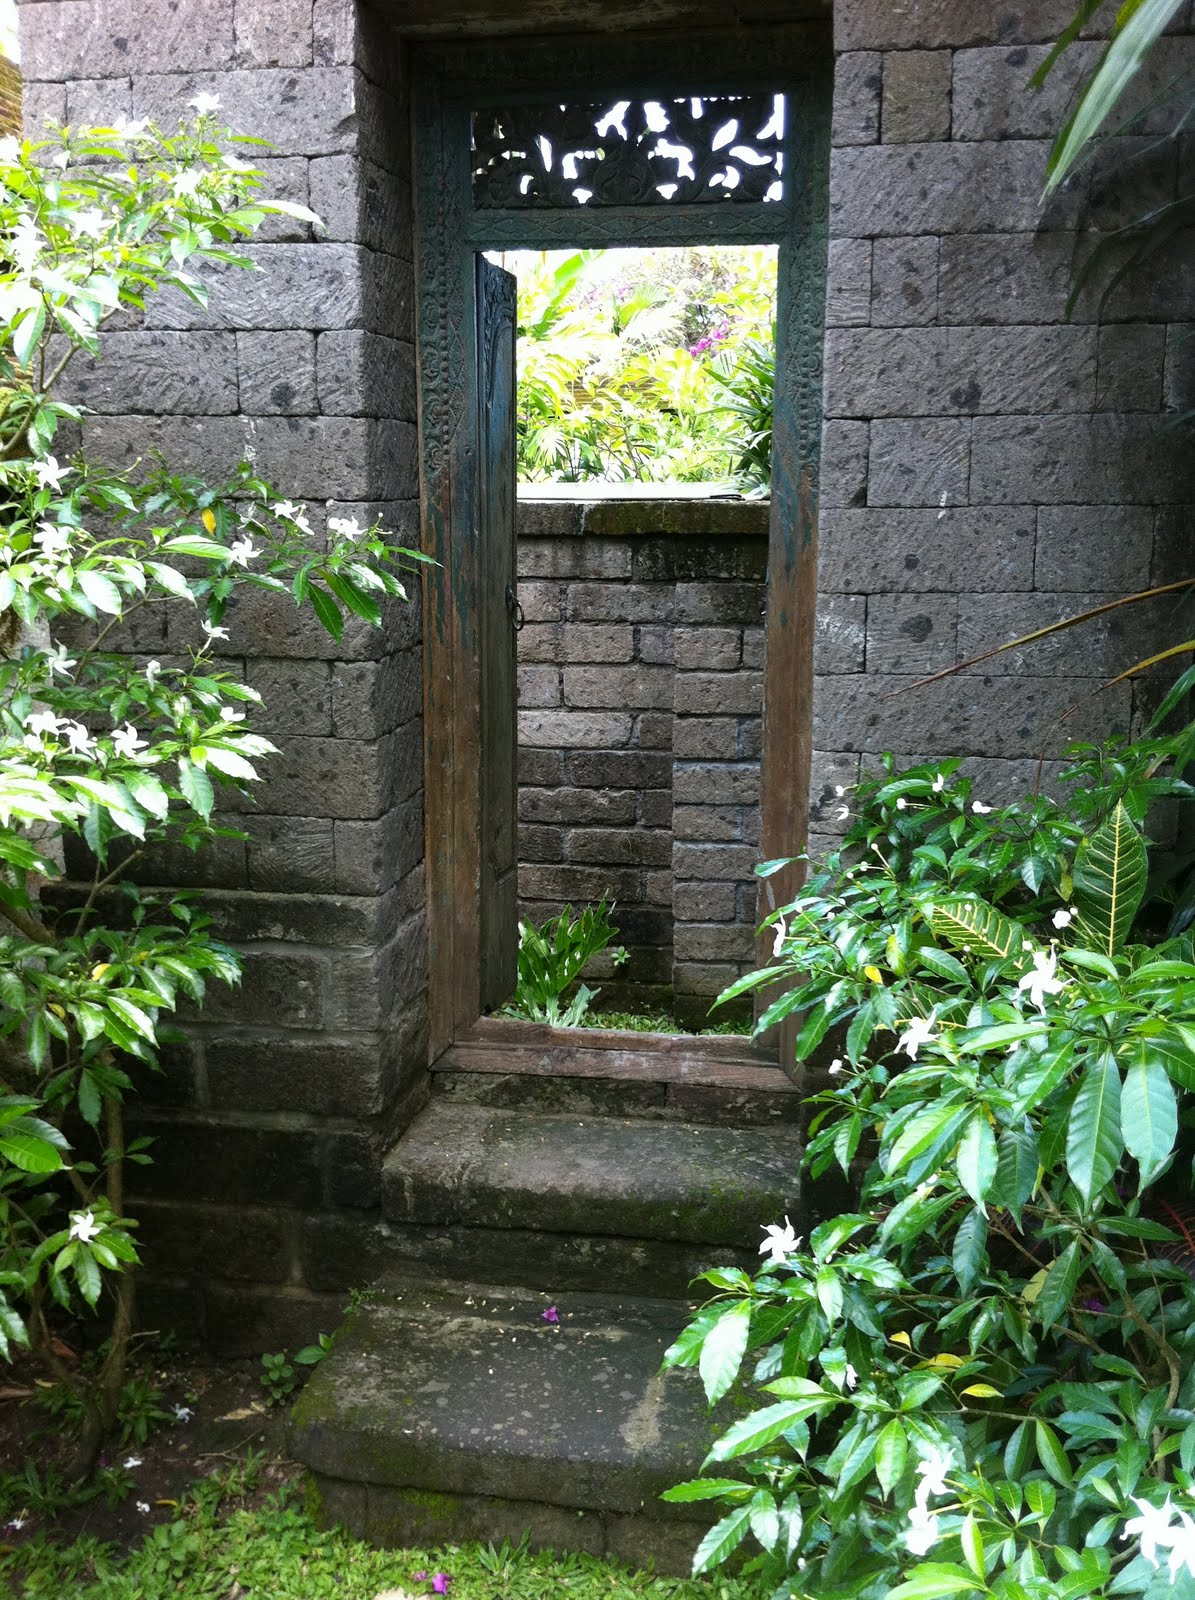 Balinese Garden - French Country Decor Ideas